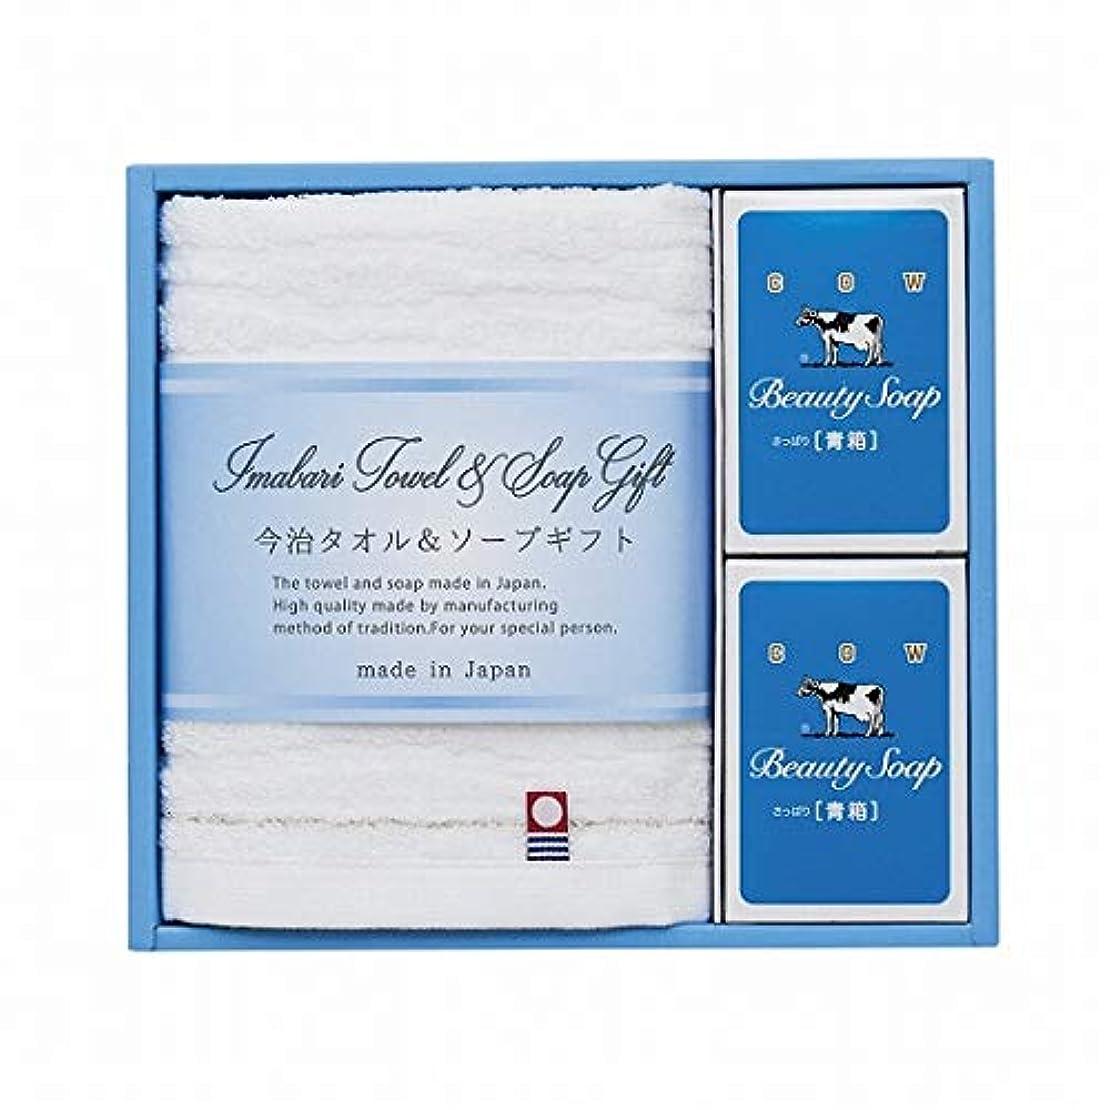 マチュピチュ忍耐マイクimabari towel(今治タオル) 今治タオル&ソープセット(GS1099)